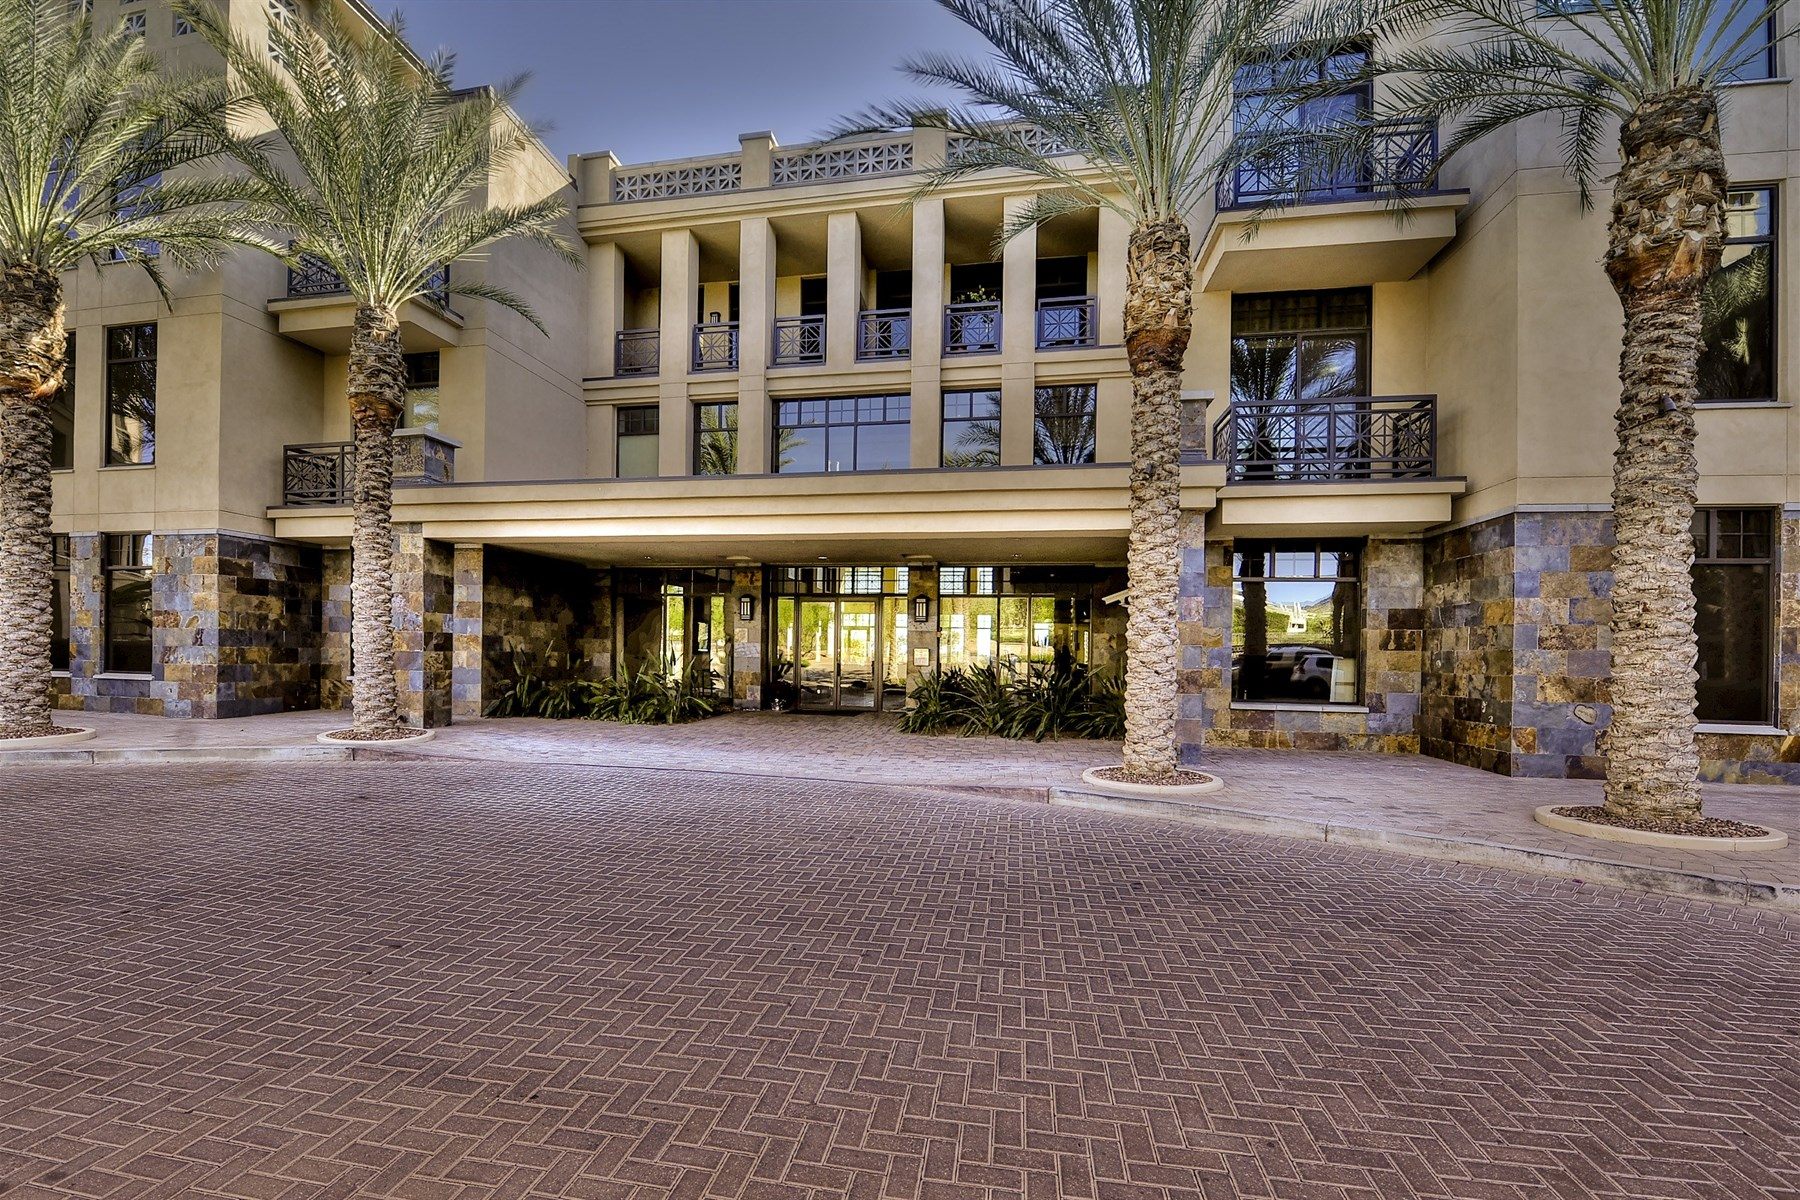 Condominium for Sale at Luxury Living in the Fairway Lodge At The Biltmore 8 E Biltmore Estates #215 Phoenix, Arizona, 85016 United States